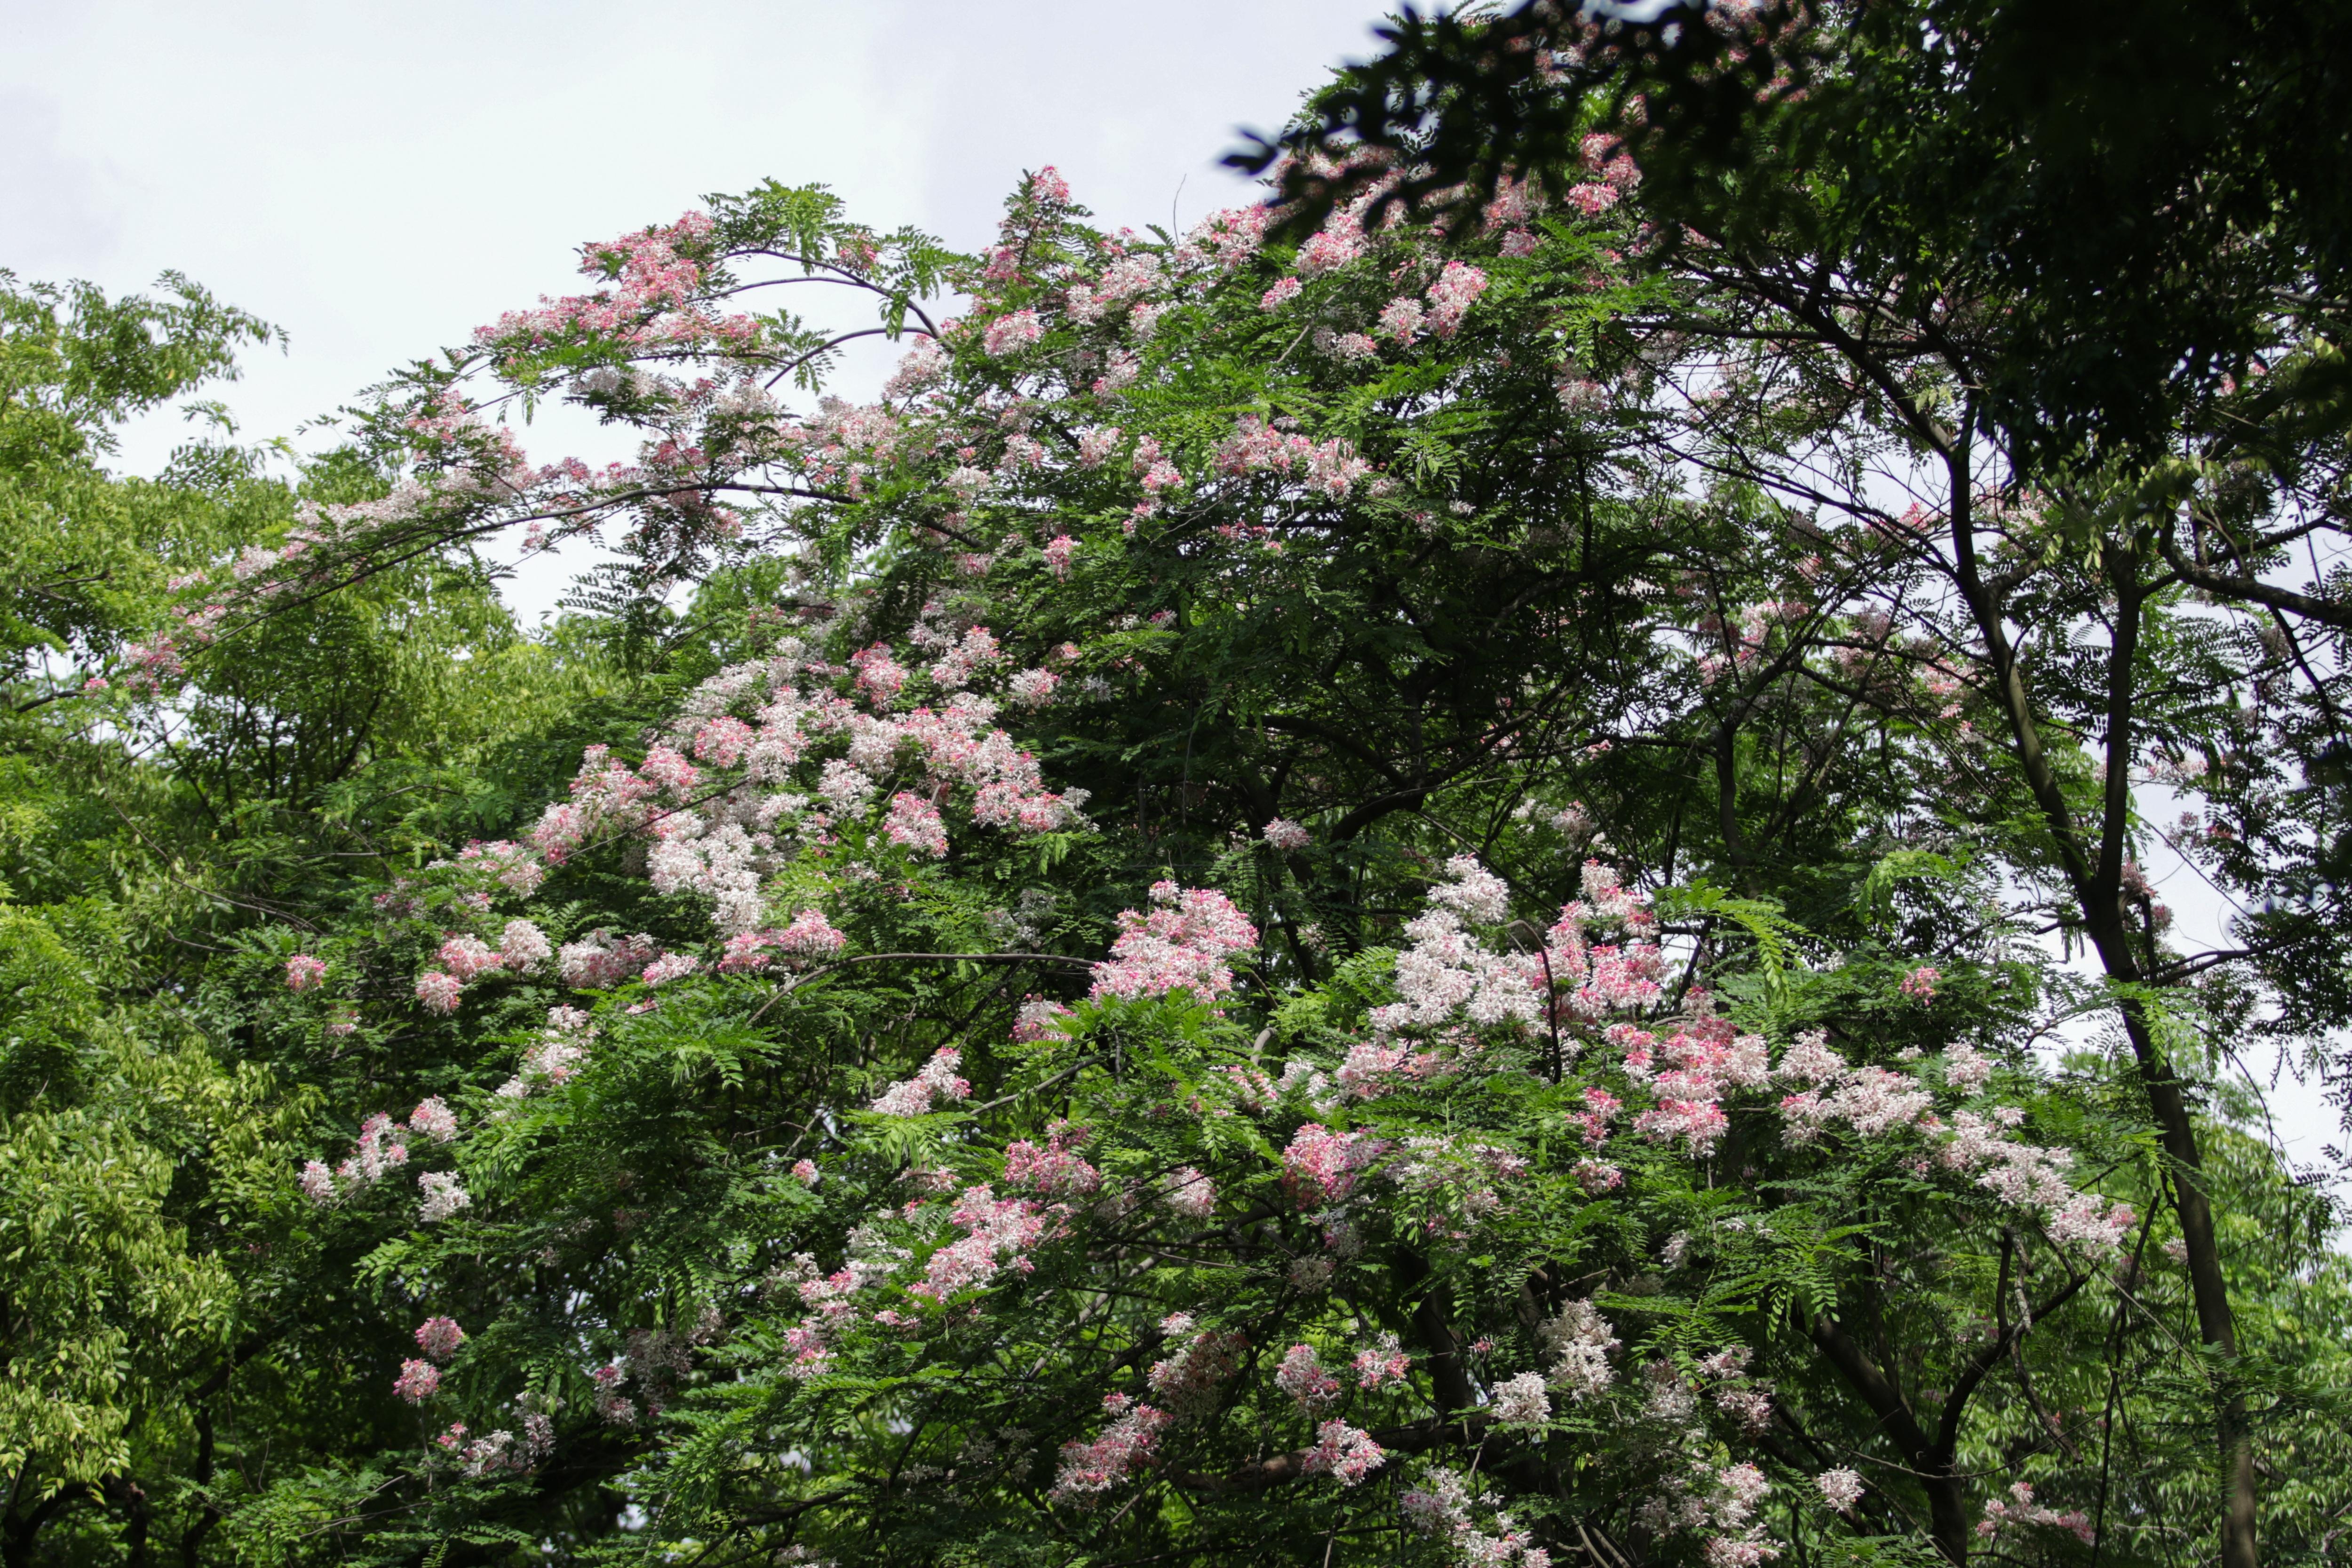 Ngắm muồng hoa đào bung nở đẹp mê hồn ở Hà Nội - 2